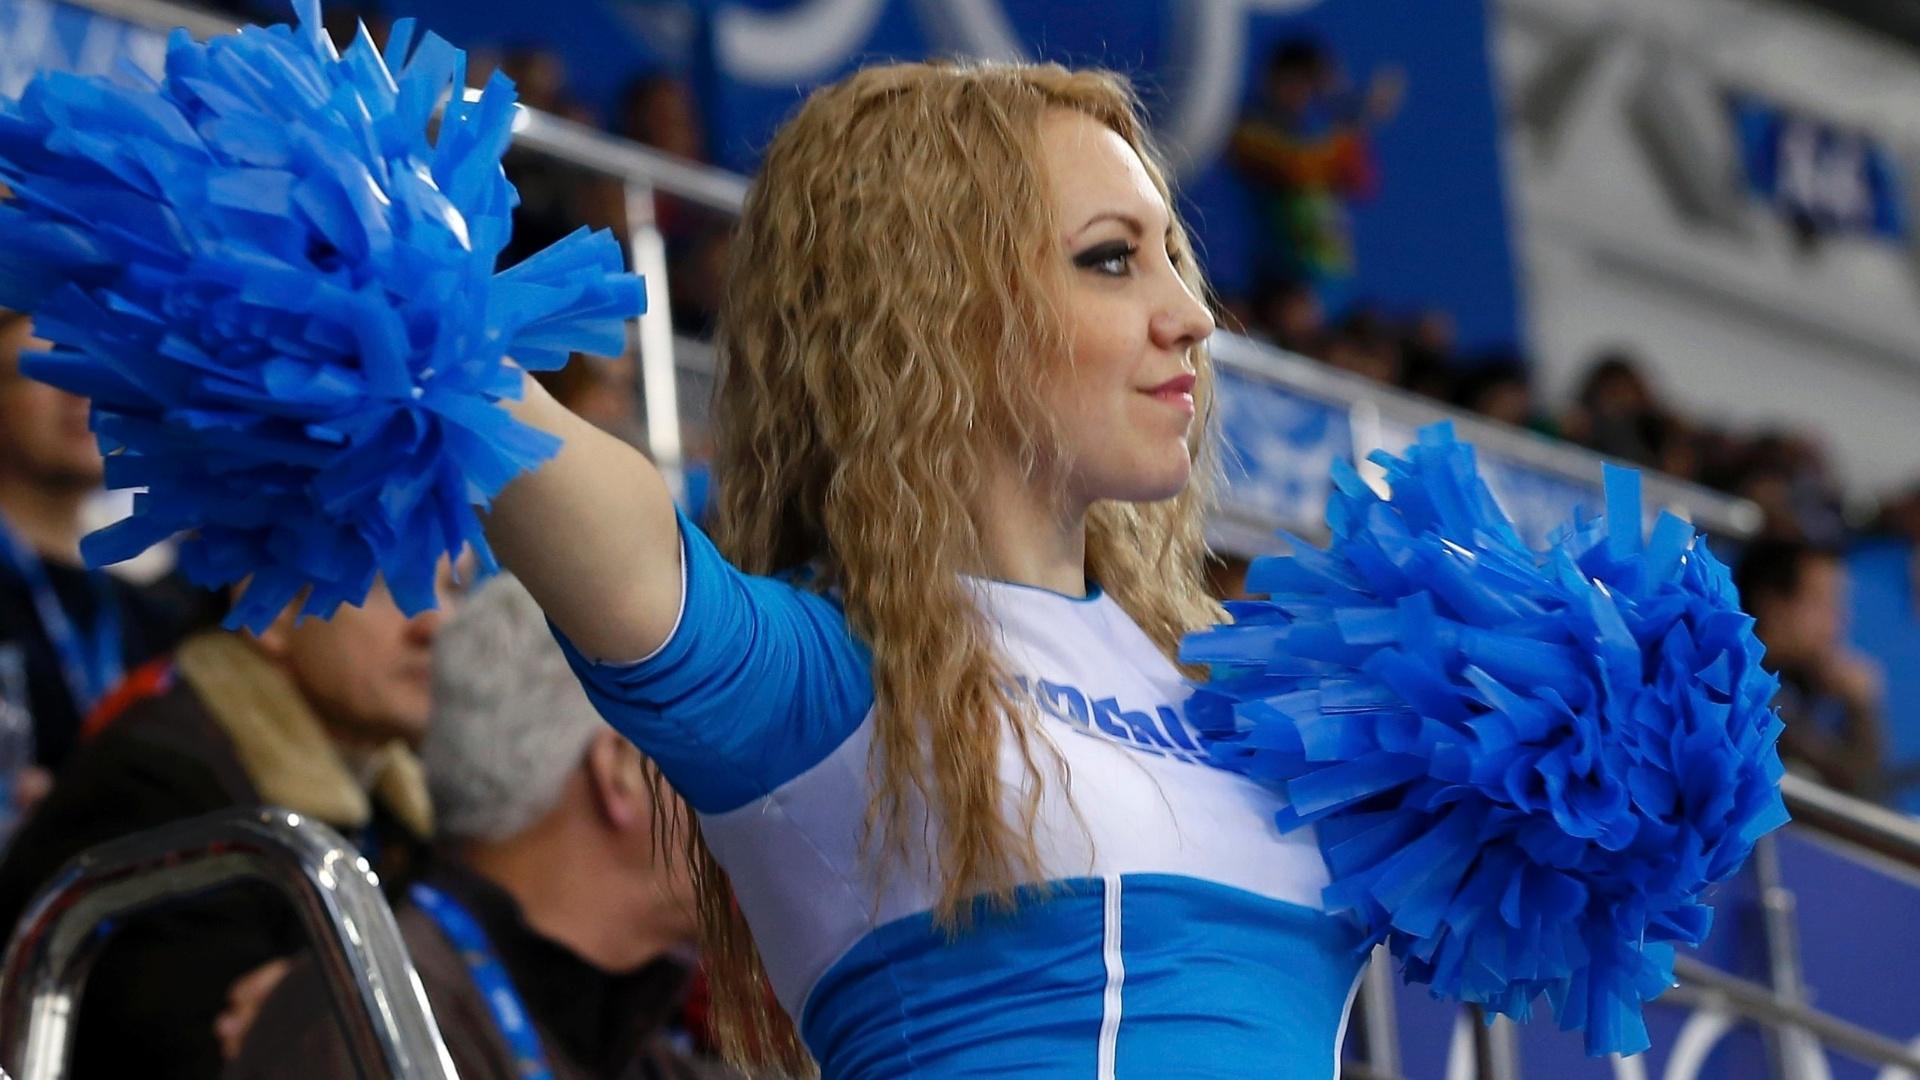 08.02.14 - Cheerleader se apresenta na partida entre Estados Unidos e Finlândia no hóquei no gelo feminino